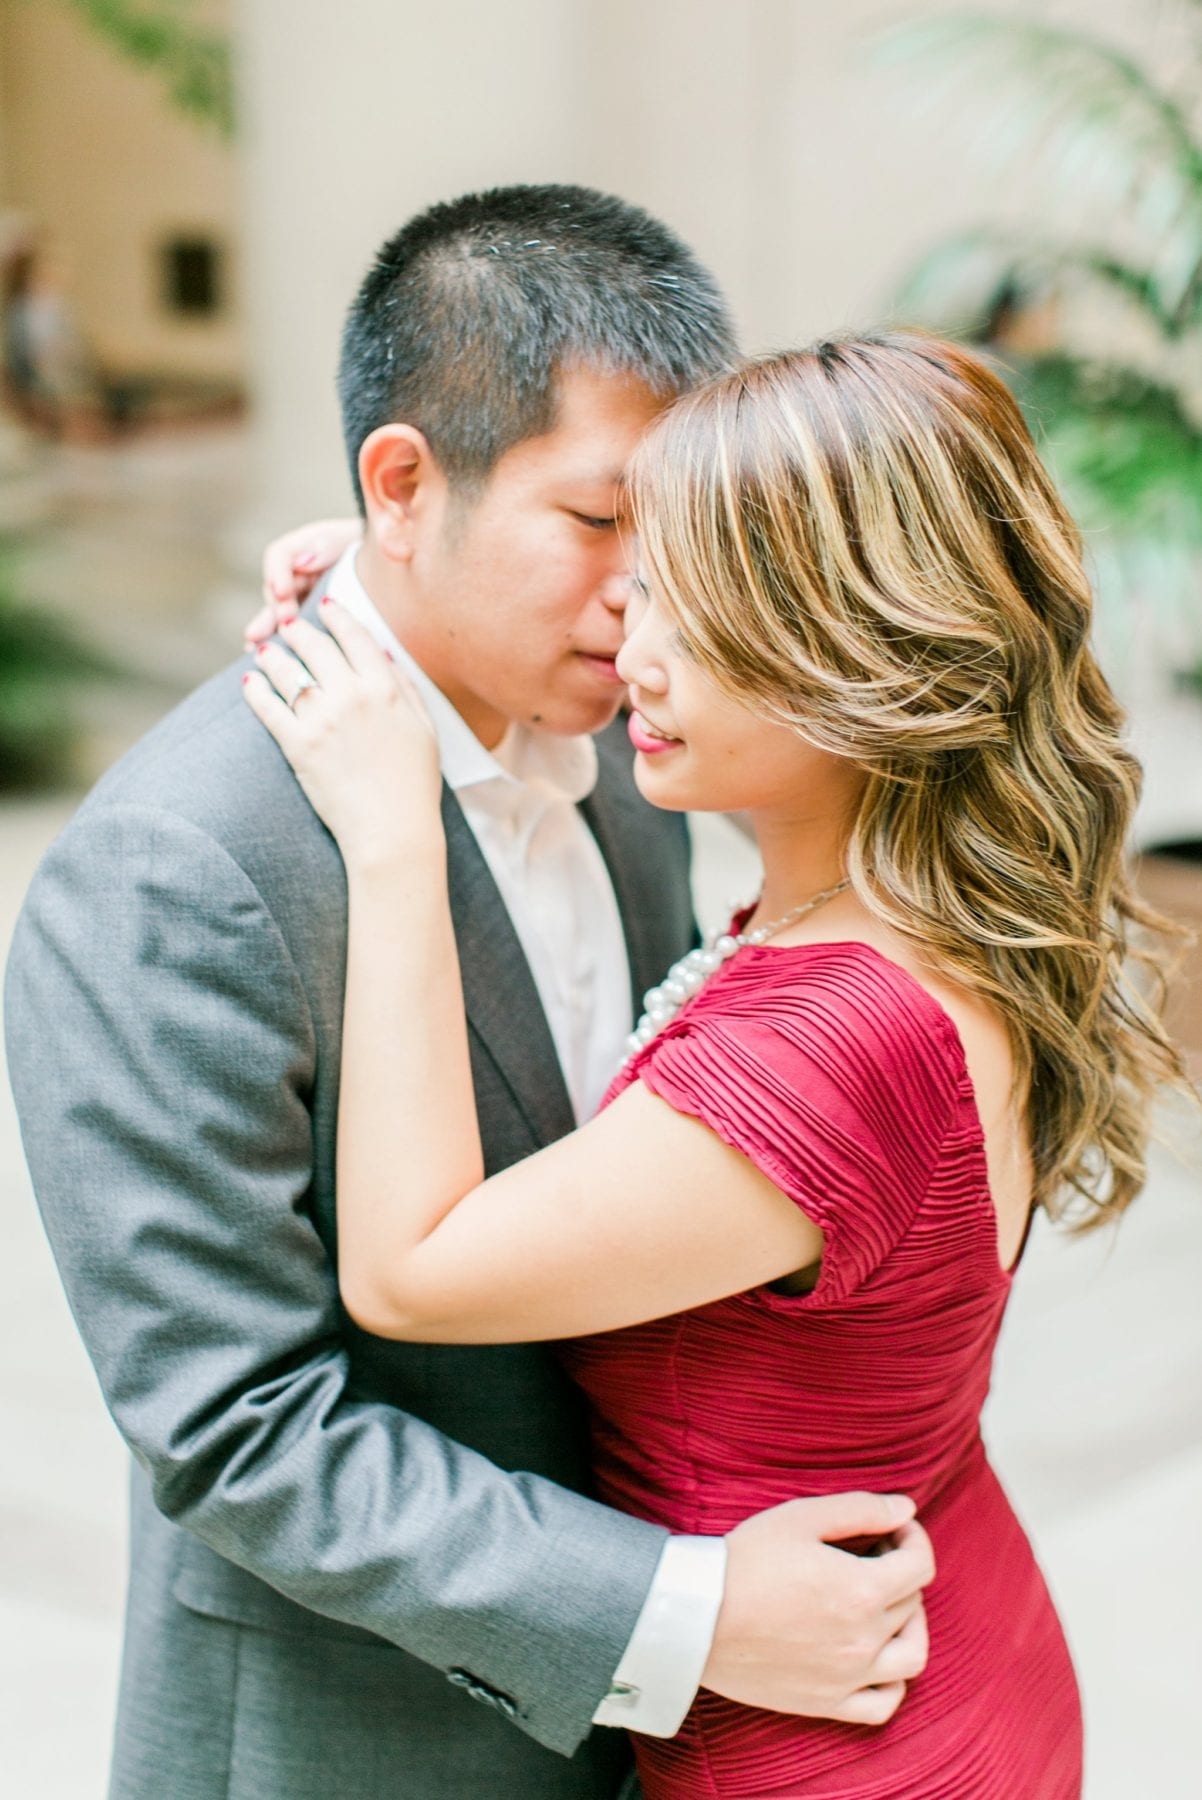 National Gallery of Art Engagement Photos Megan Kelsey Photography Washington DC Wedding Photographer Sy-yu & Anthony-143.jpg